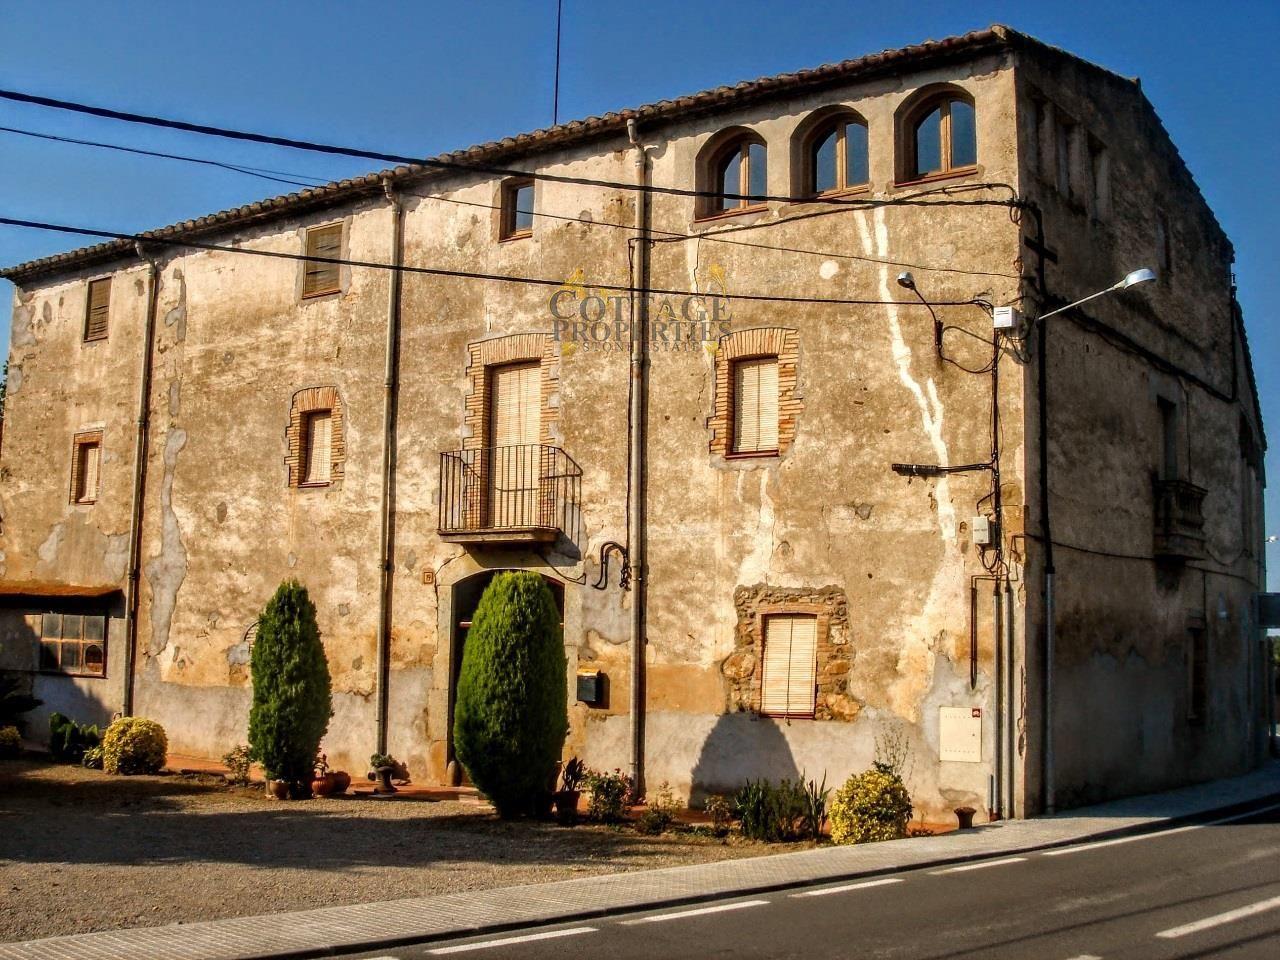 1043: Casas de pueblo in Monells